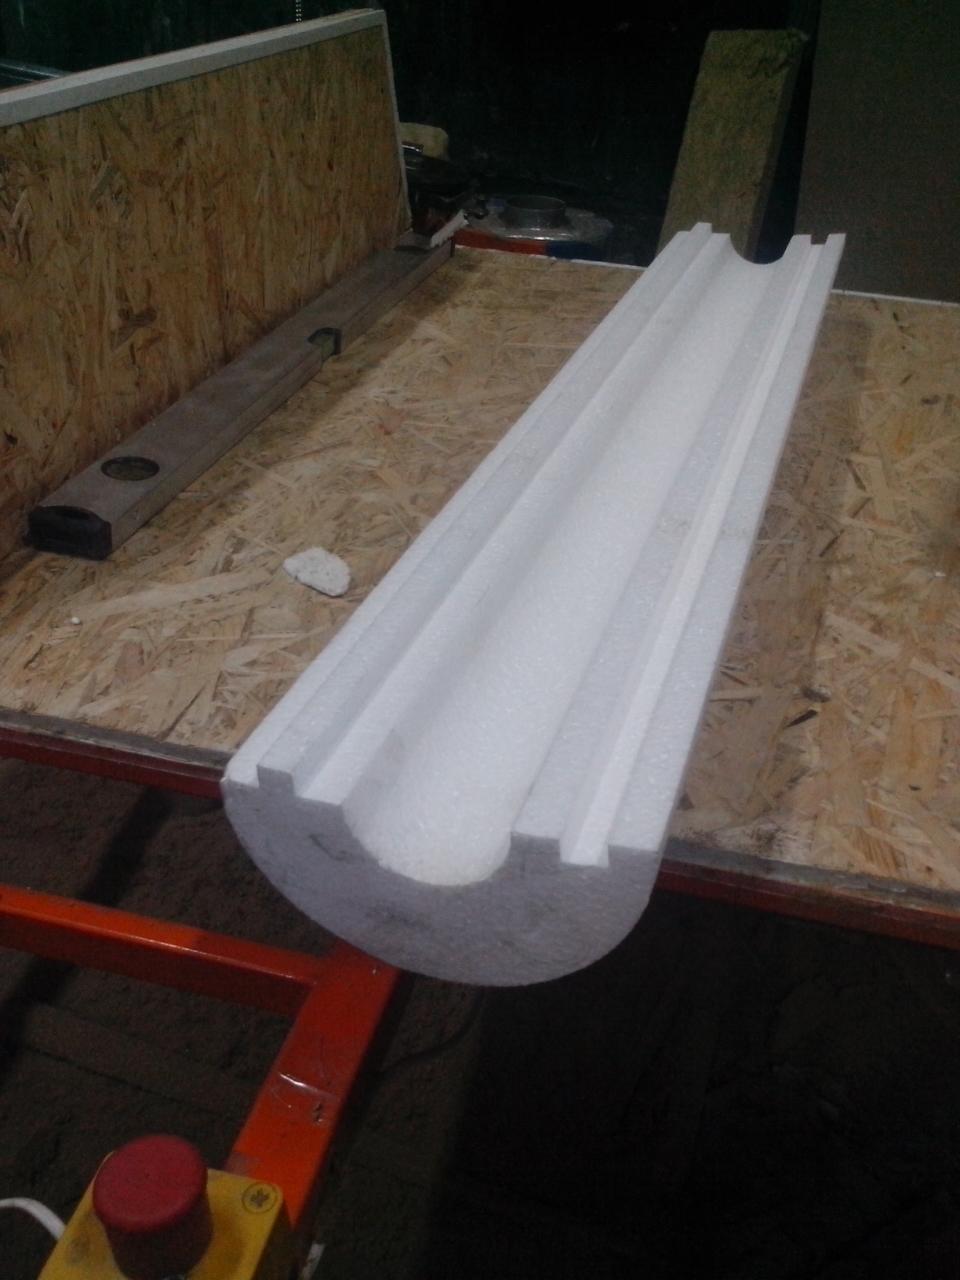 Утеплитель из пенопласта (пенополистирола) для труб Ø 40 мм толщиной 50 мм